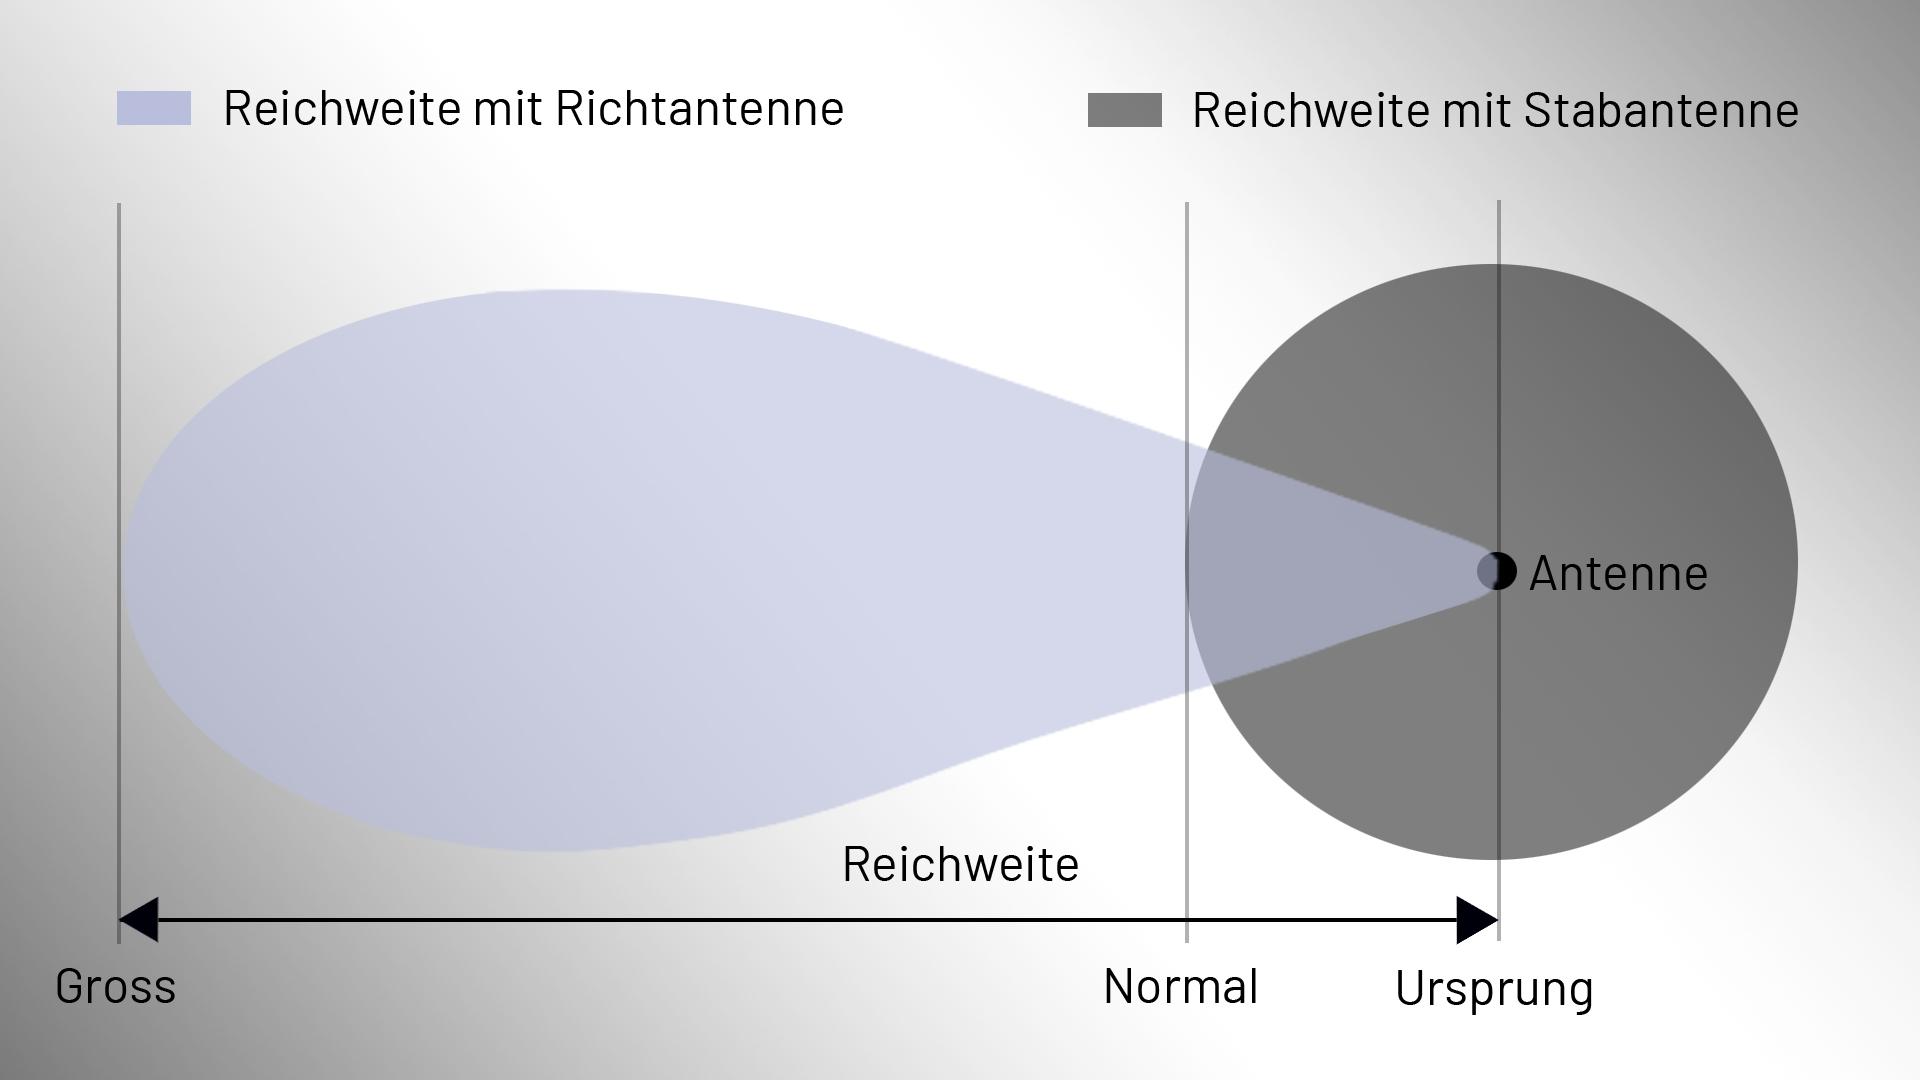 Unterschied der Reichweite einer Richtantenne und einer Stabantenne